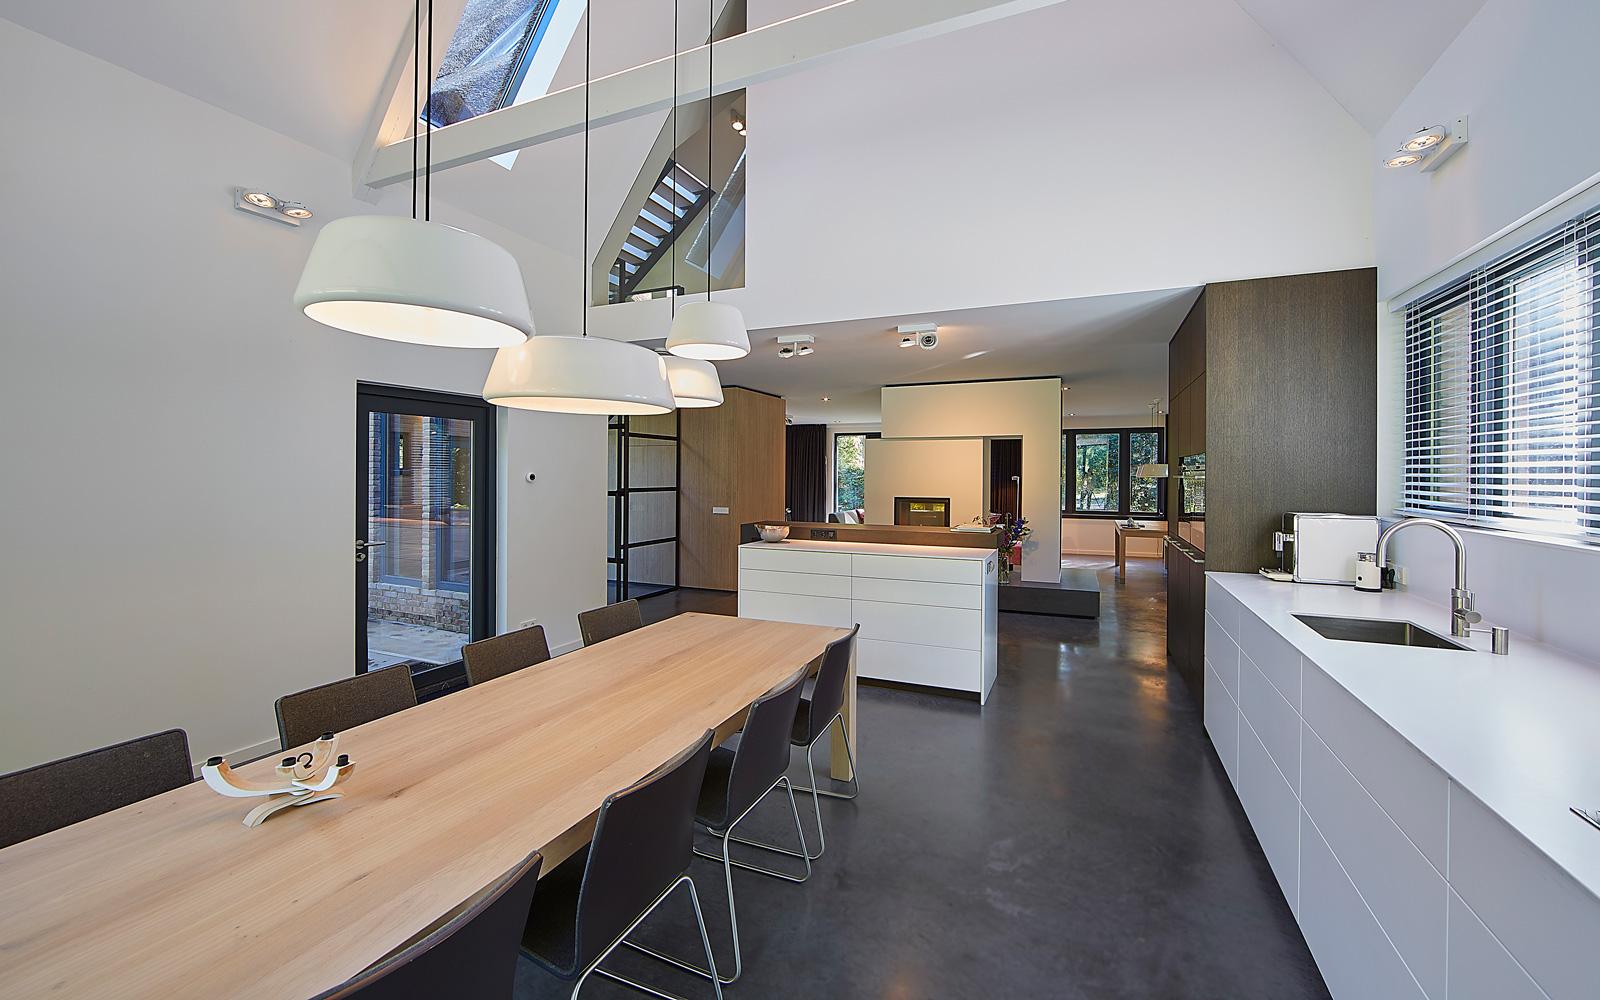 dankzij grote ramen is er in de keuken een prachtige lichtinval ontstaan